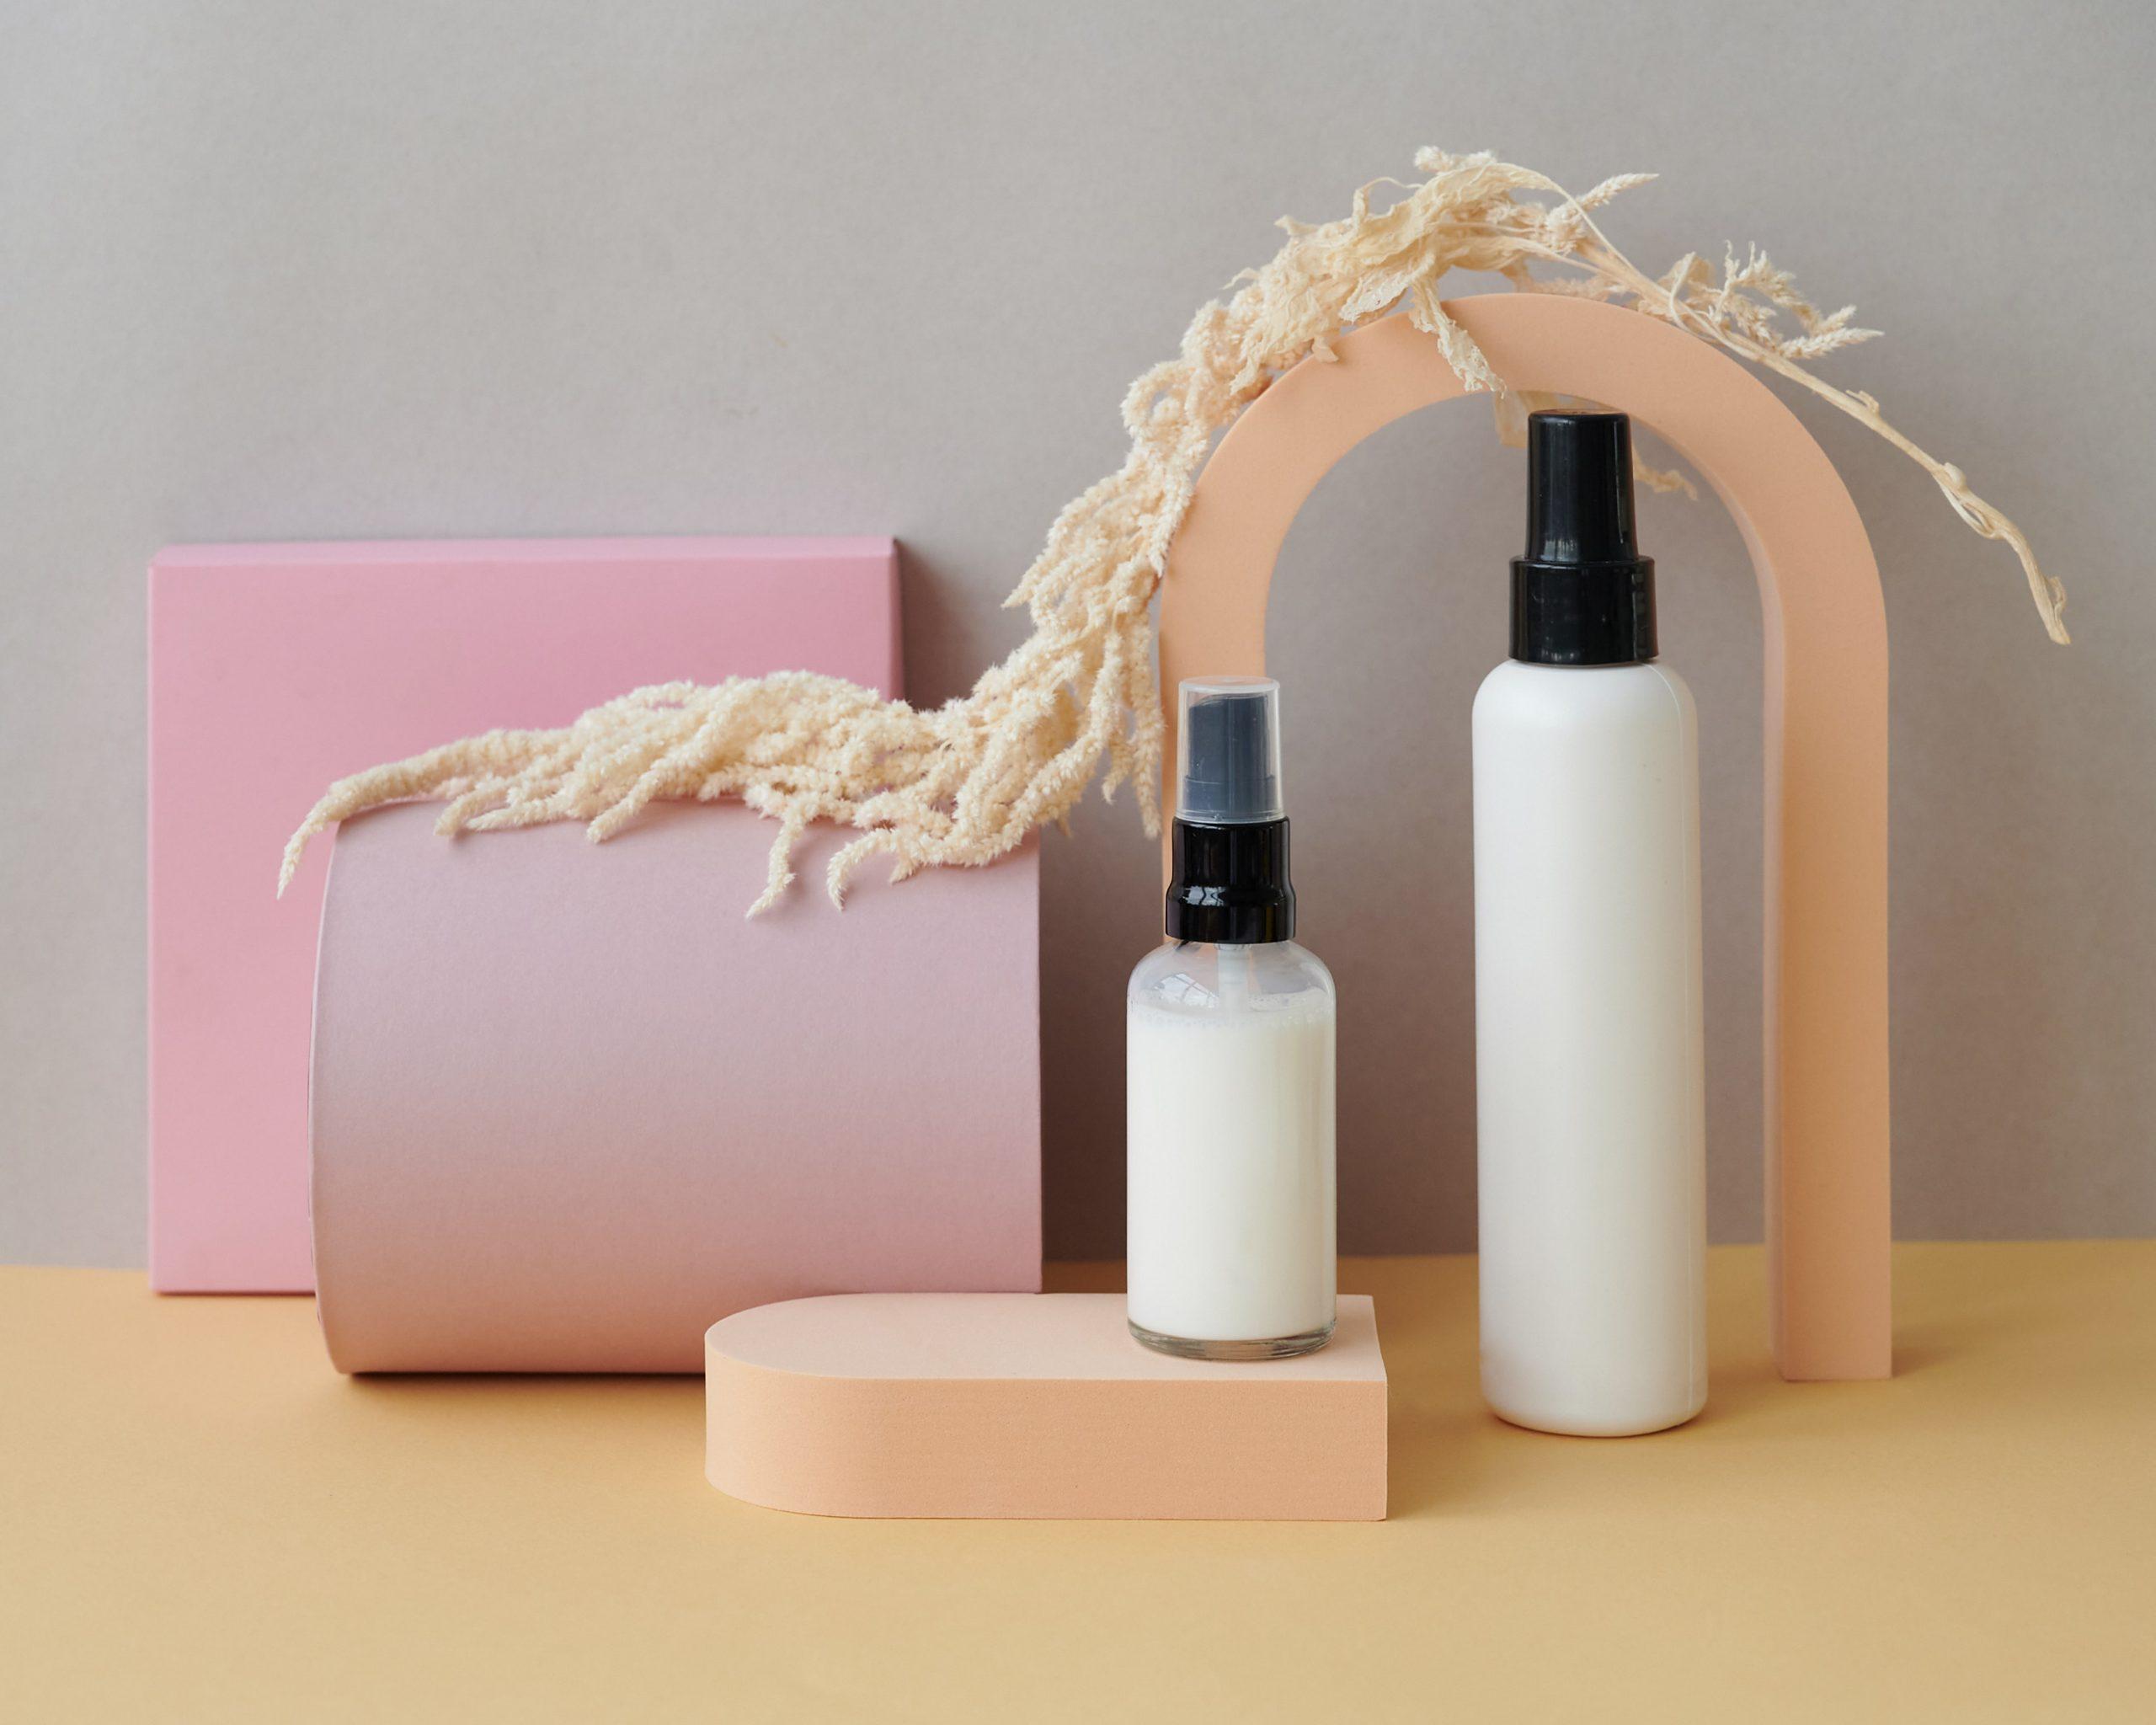 Frascos de diferentes tamanhos com cosméticos